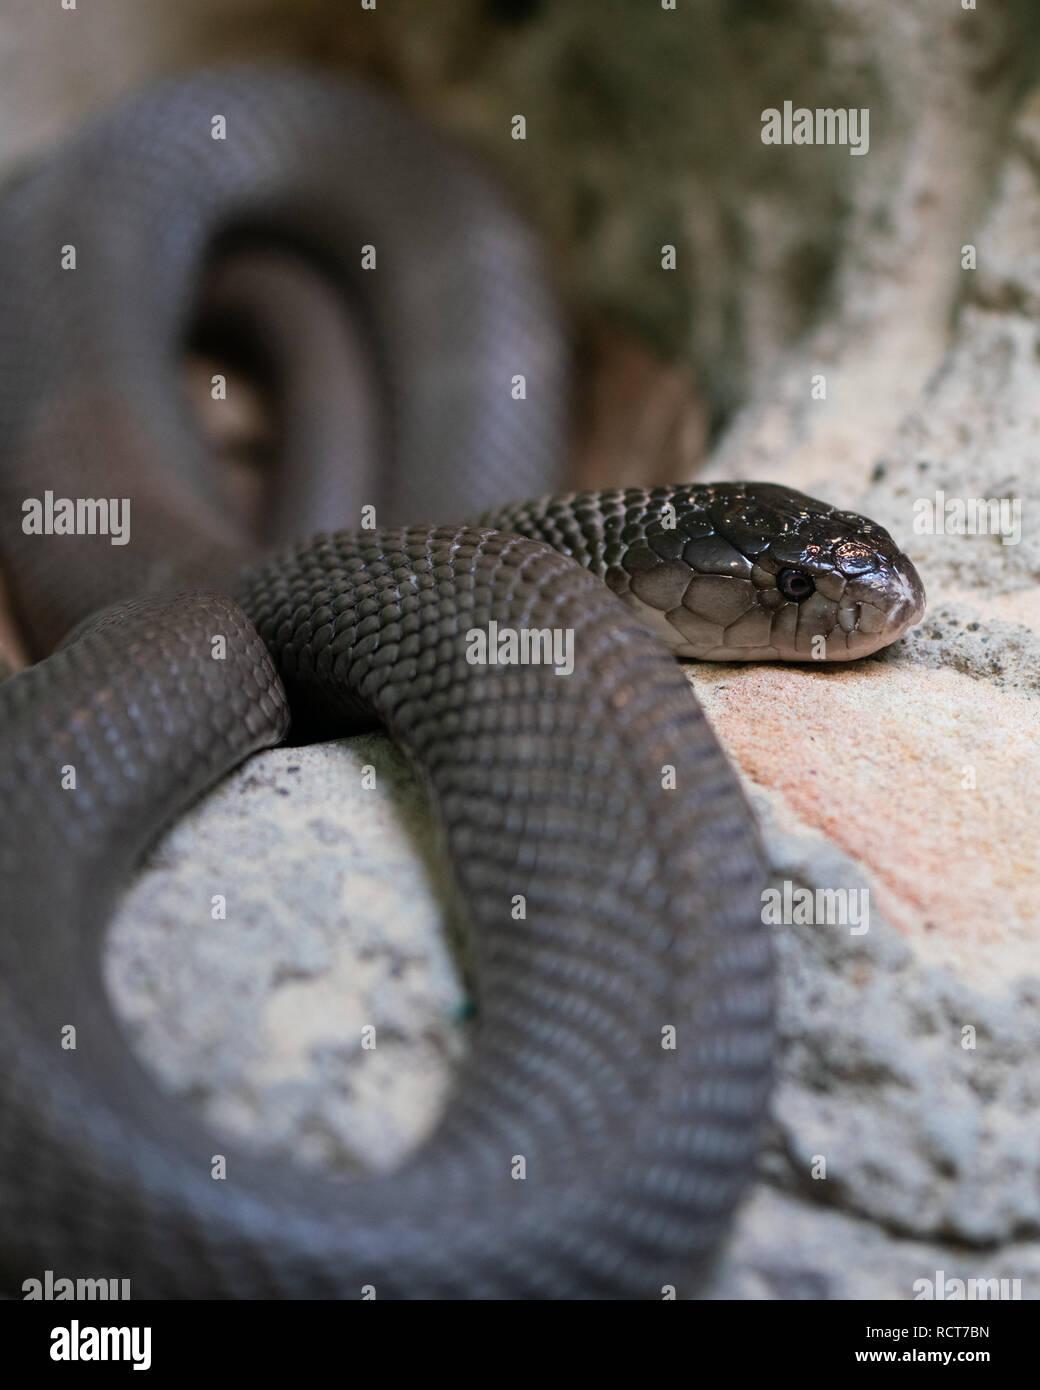 Vista cercana de un Trenzado Taipan continentales o Oxyuranus microlepidotus en Australia la mayoría de serpientes venenosas en el mundo Imagen De Stock